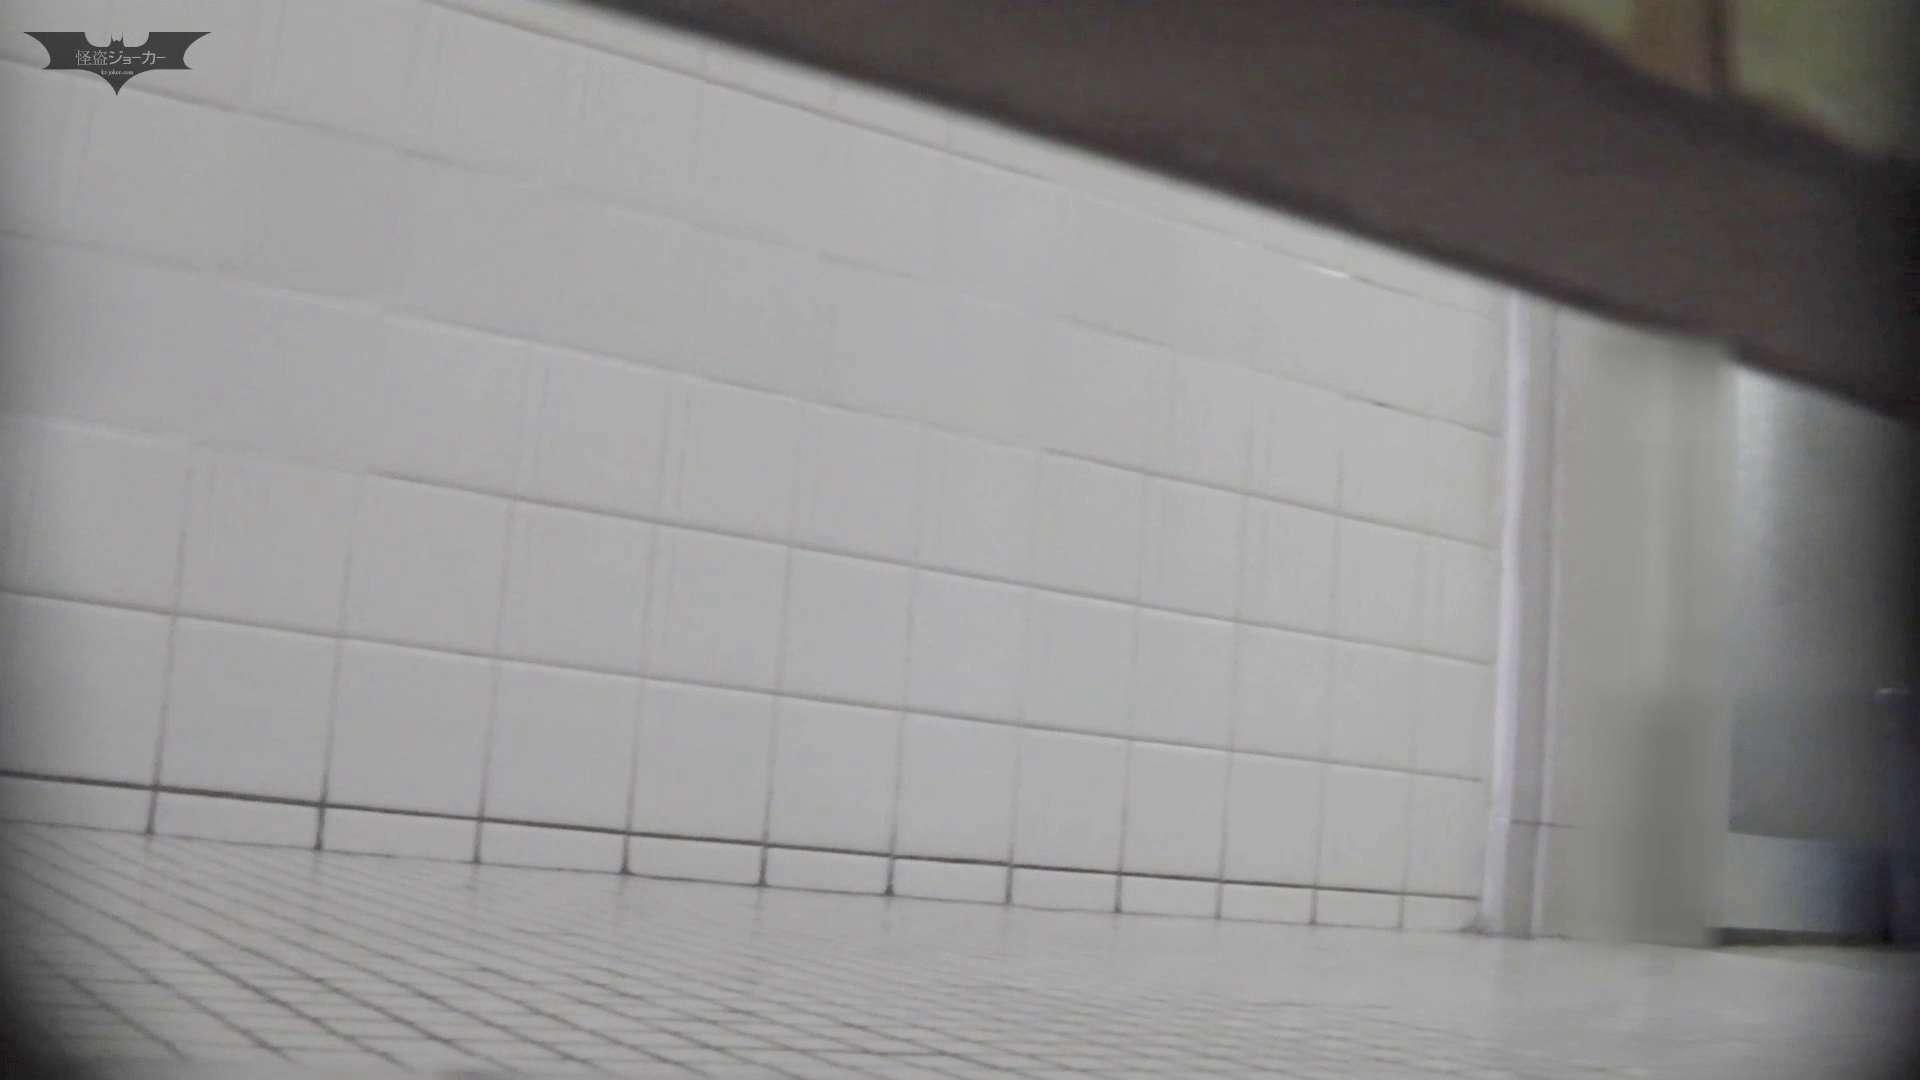 ▲復活限定D▲洗面所特攻隊 vol.62 ピチピチの若さ! In JAPAN 洗面所  103pic 76